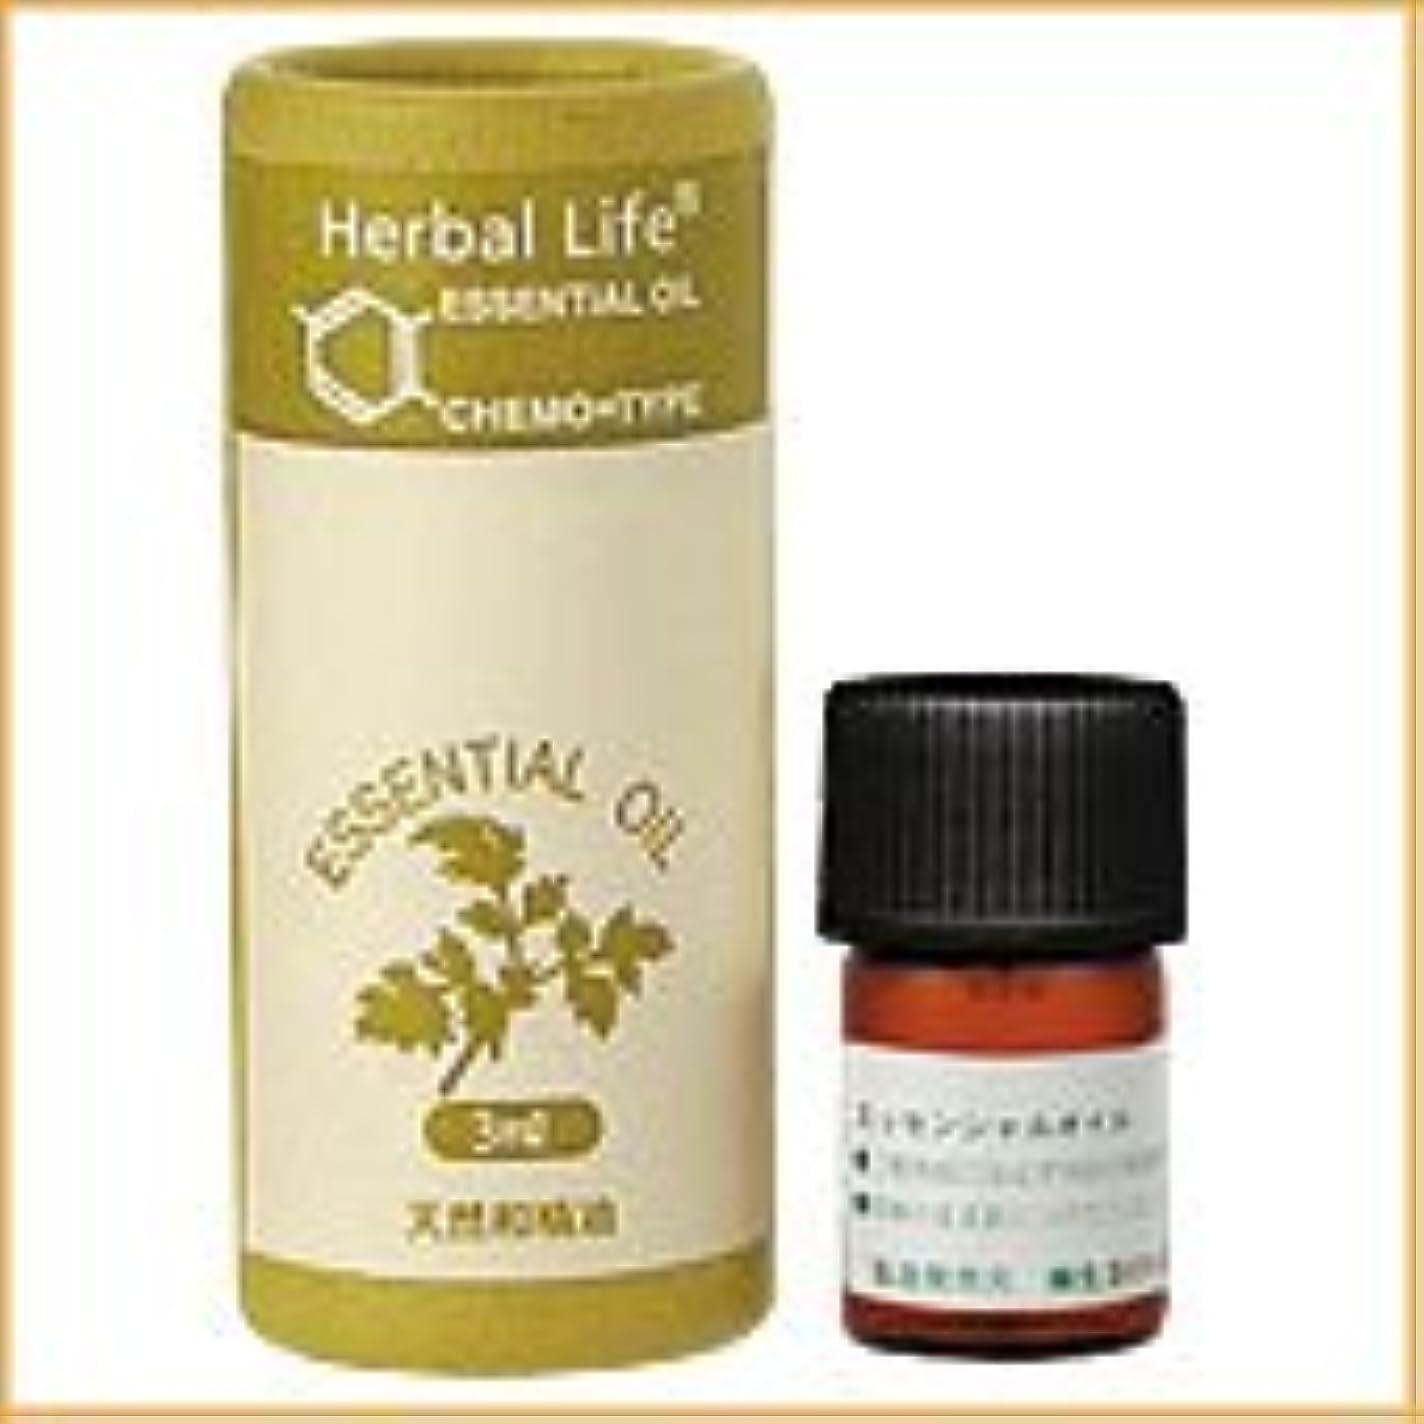 ヒギンズポーズ財団生活の木 アロマオイル ヒノキ 3ml (Tree of Life Essential Oil/エッセンシャルオイル)